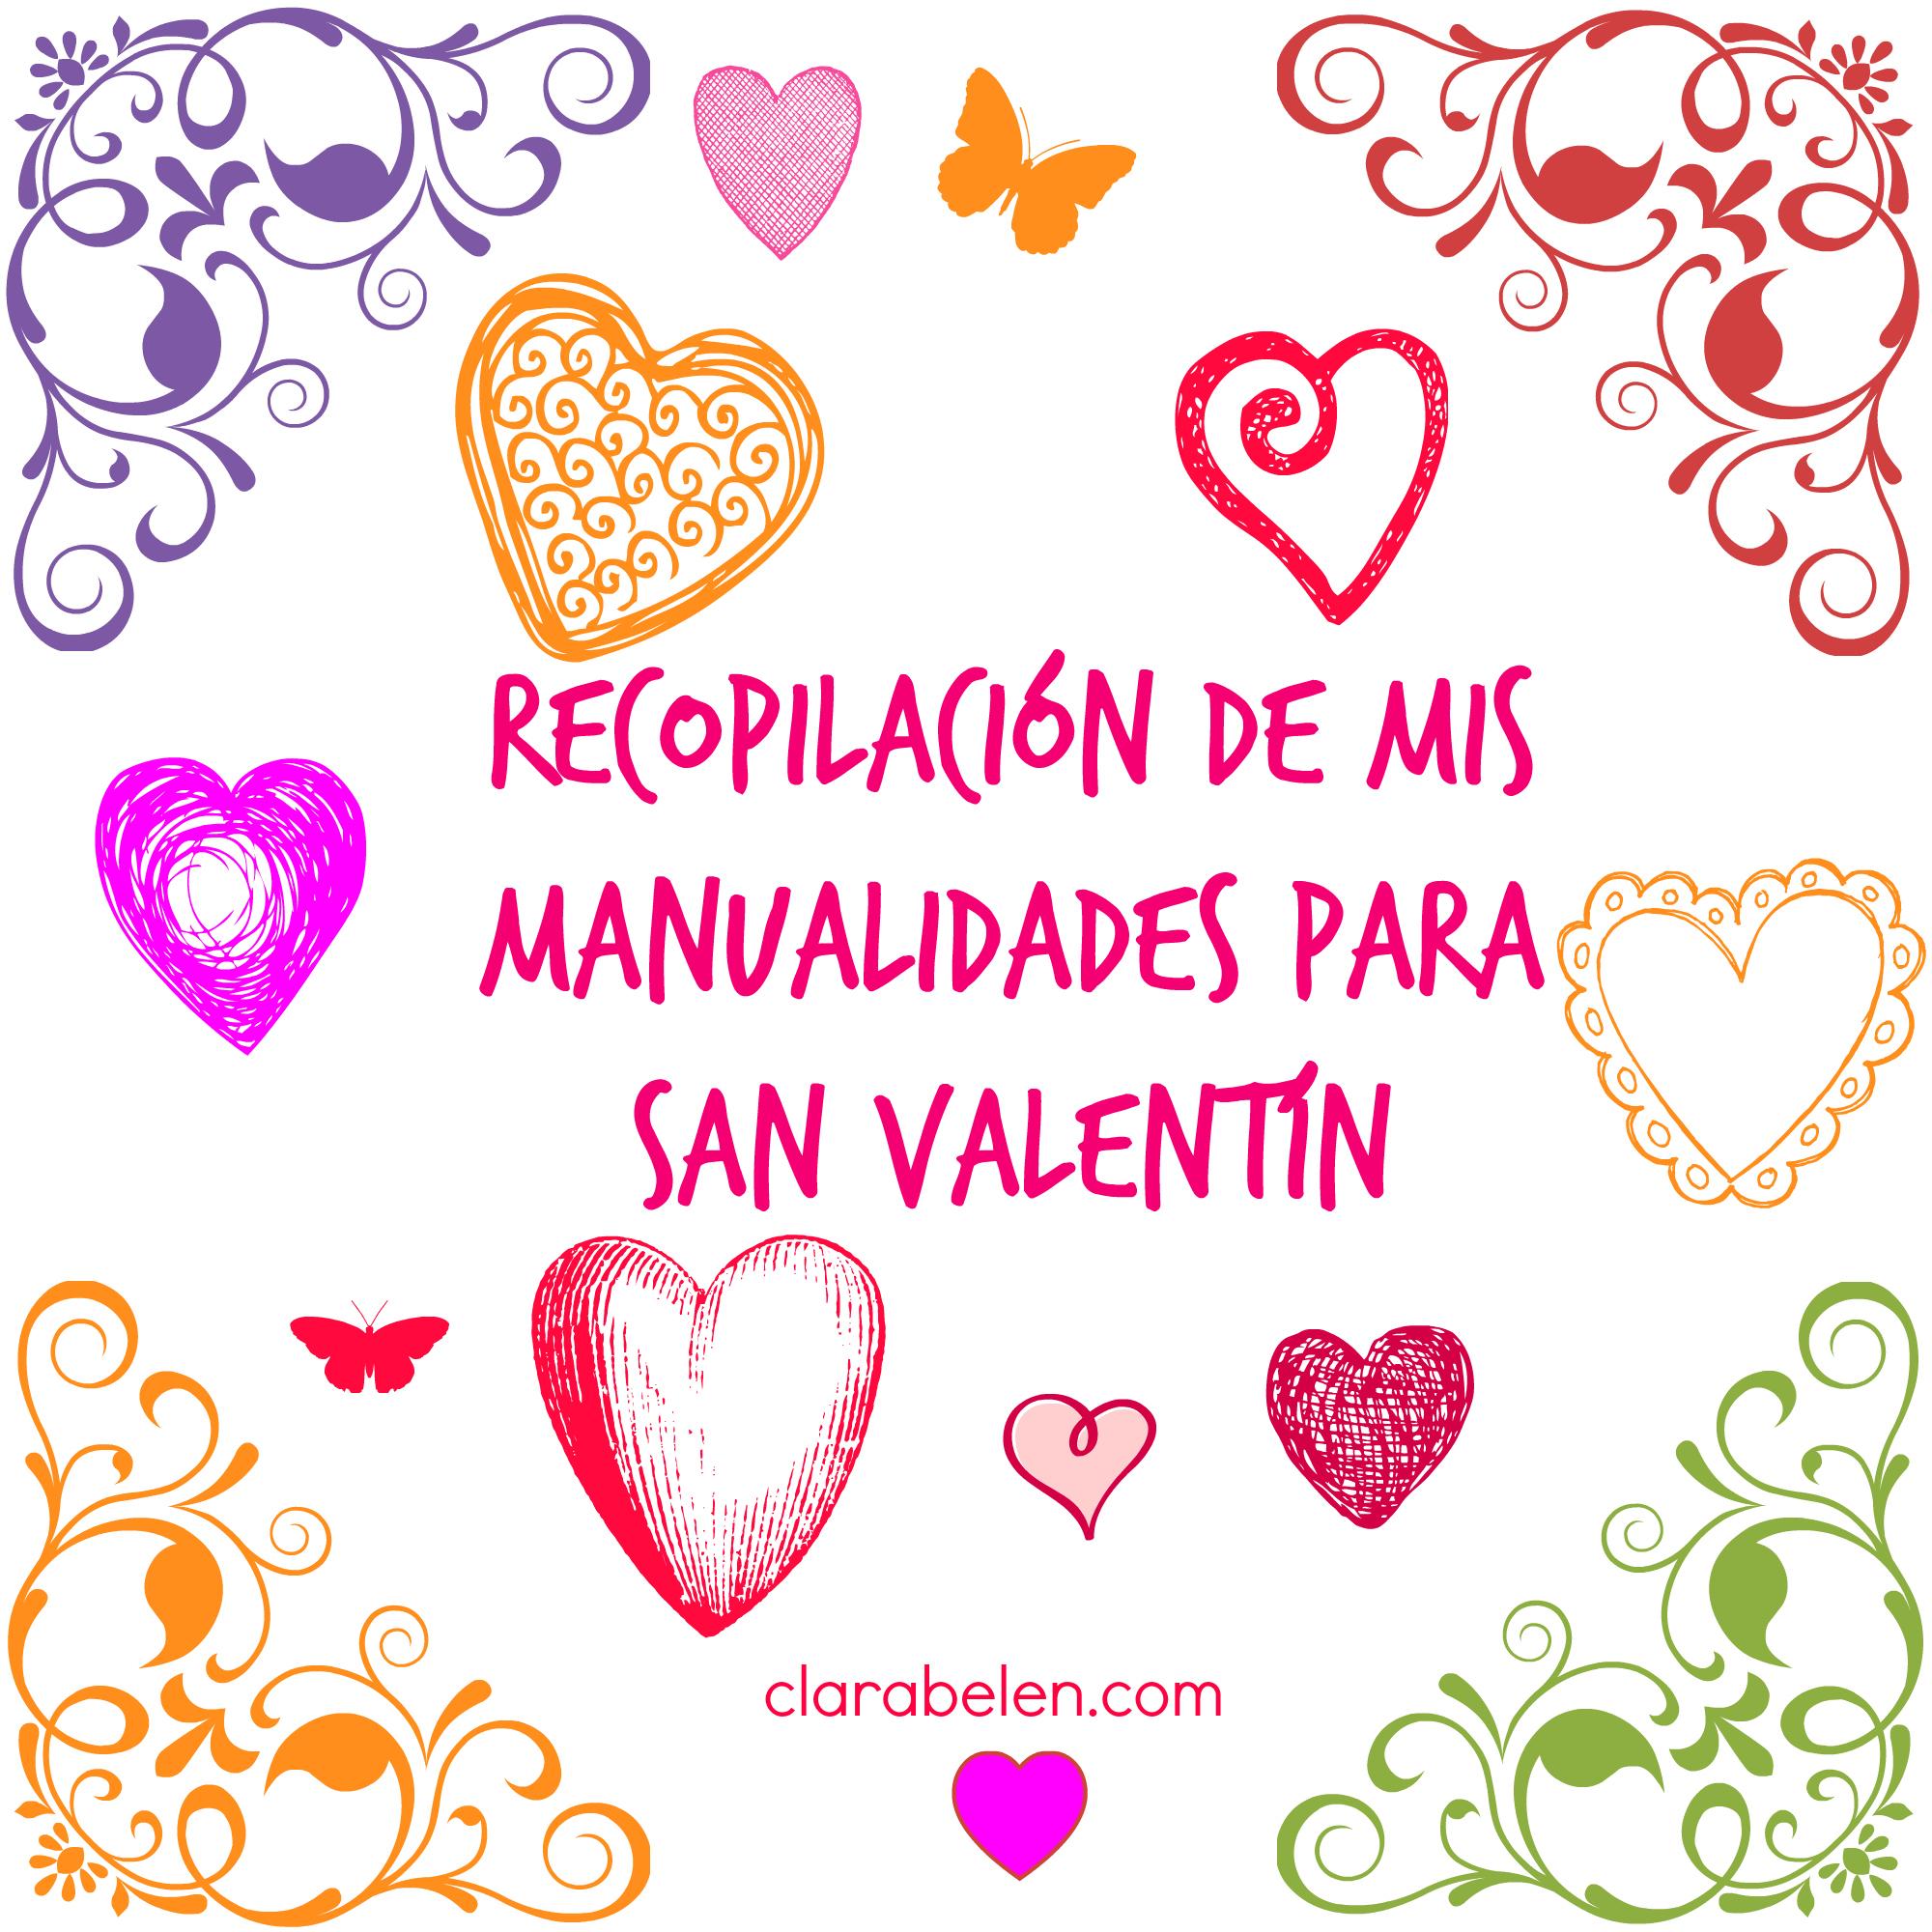 Inspiraciones manualidades y reciclaje mis manualidades - Regalos especiales para san valentin ...